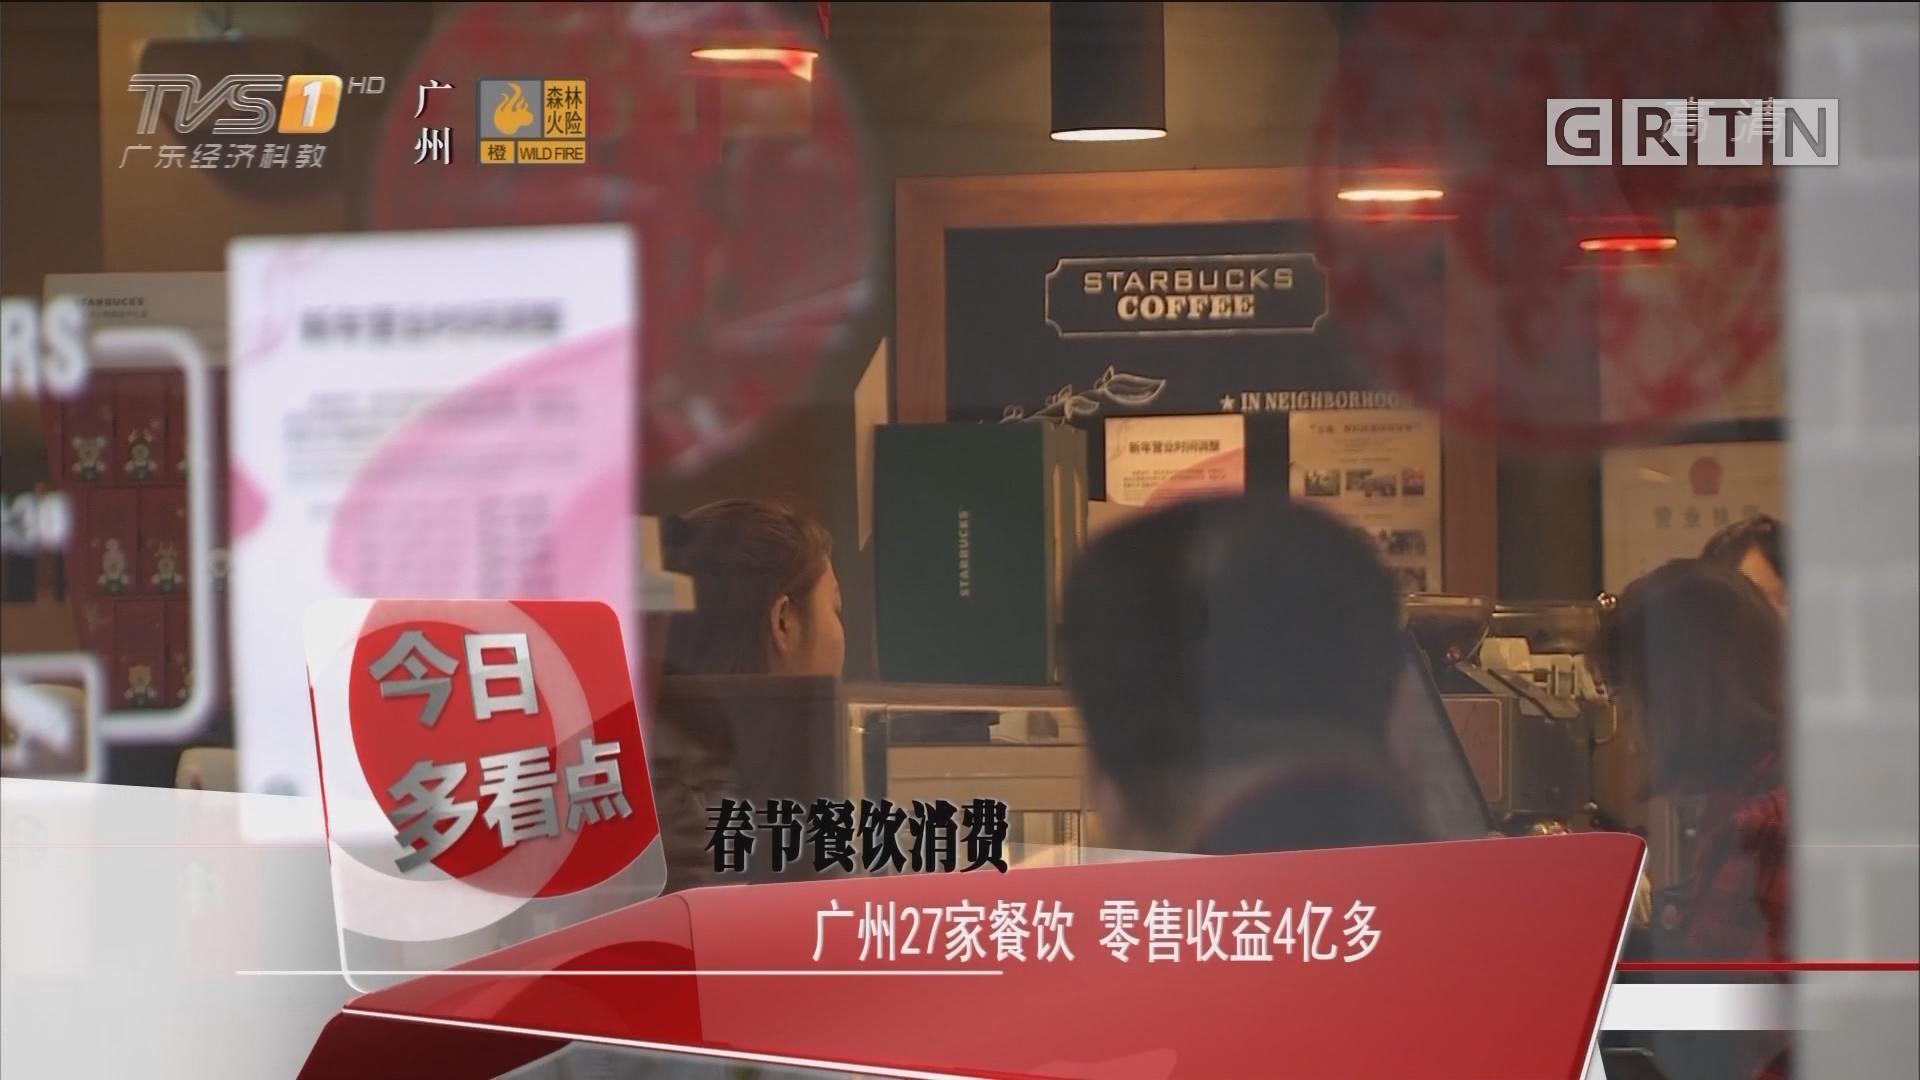 春节餐饮消费:广州27家餐饮 零售收益4亿多